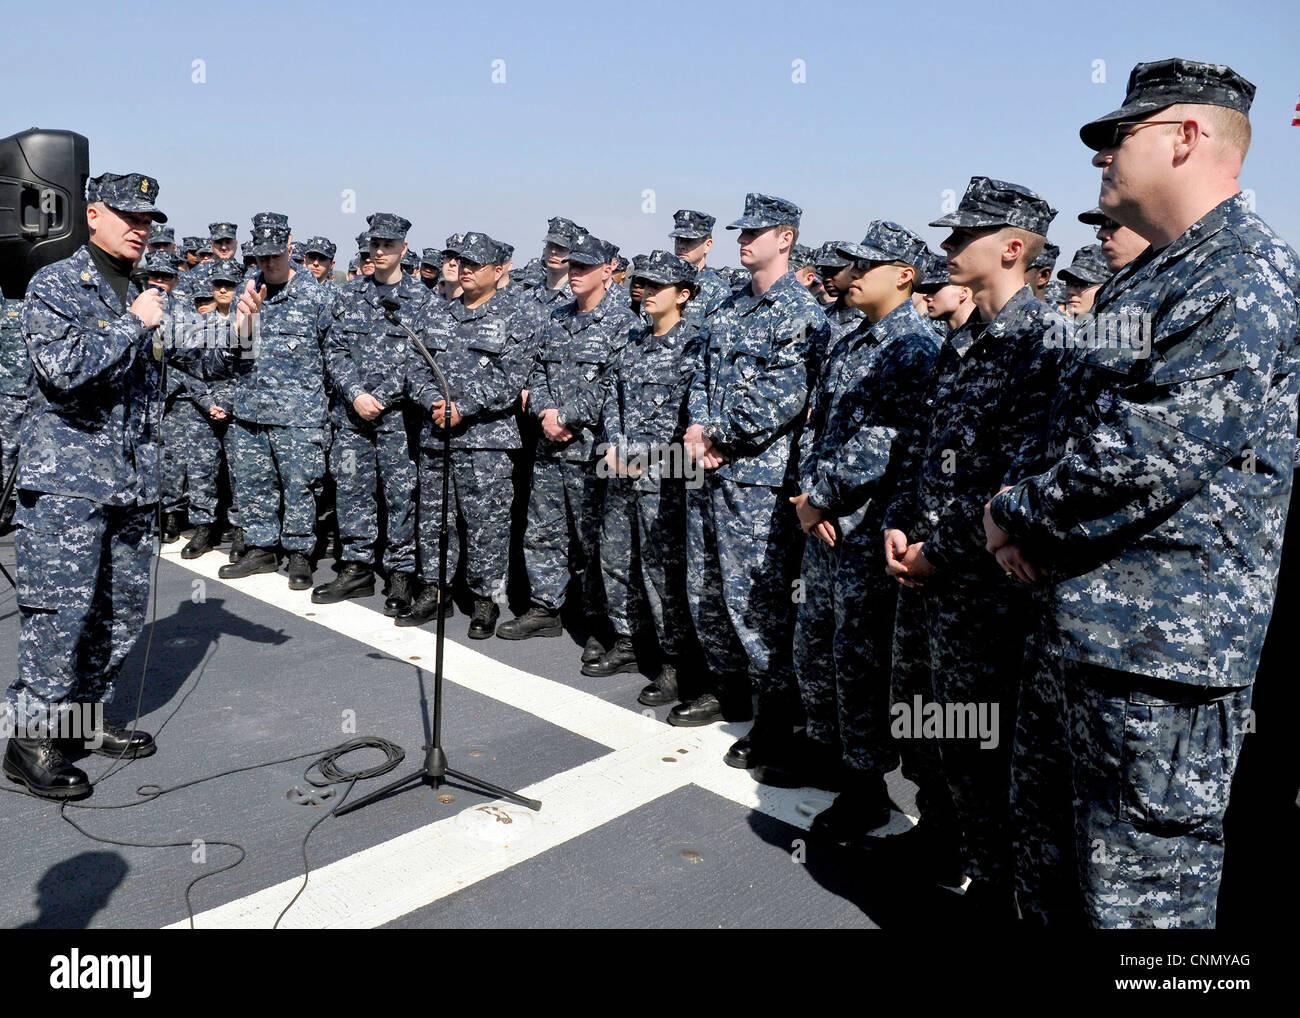 YOKOSUKA, Japón (18 de abril de 2012) el Jefe Maestro Petty Oficial de la Marina (MCPON) Rick D. West habla con los oficiales menores a bordo del destructor de misiles guiados de la clase Arleigh Burke USS McCampbell (DDG 85) durante su gira de dos días por el Comandante, actividades de flota Yokosuka. Foto de stock